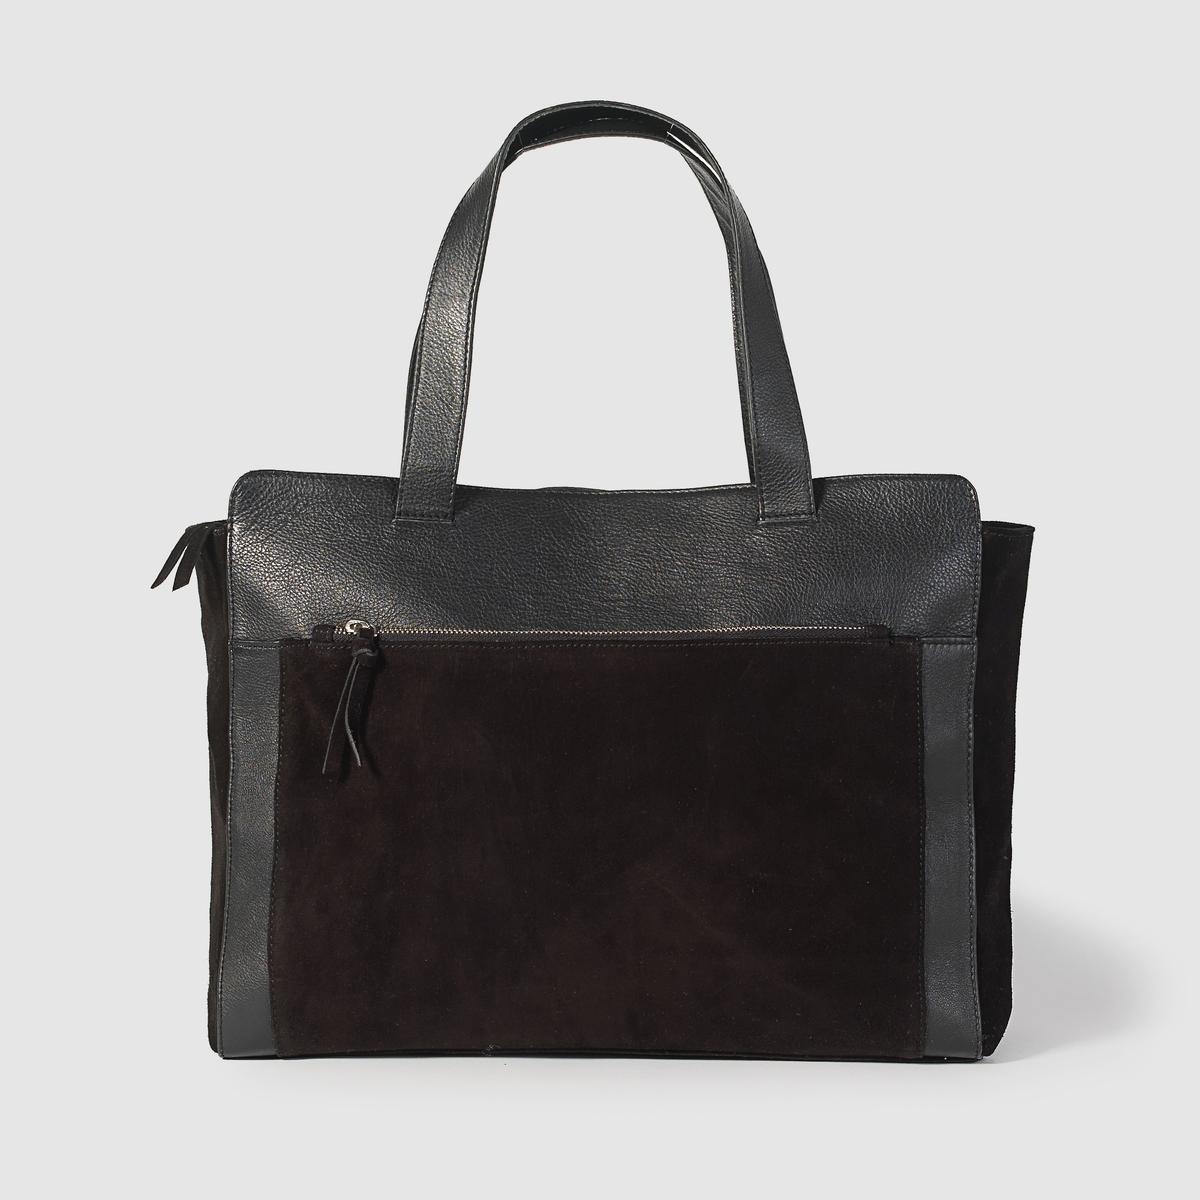 Сумка из двух видов кожиПреимущества: сумка небольшая, но очень вместительная. Идеально подходит для любого выхода!<br><br>Цвет: черный<br>Размер: единый размер